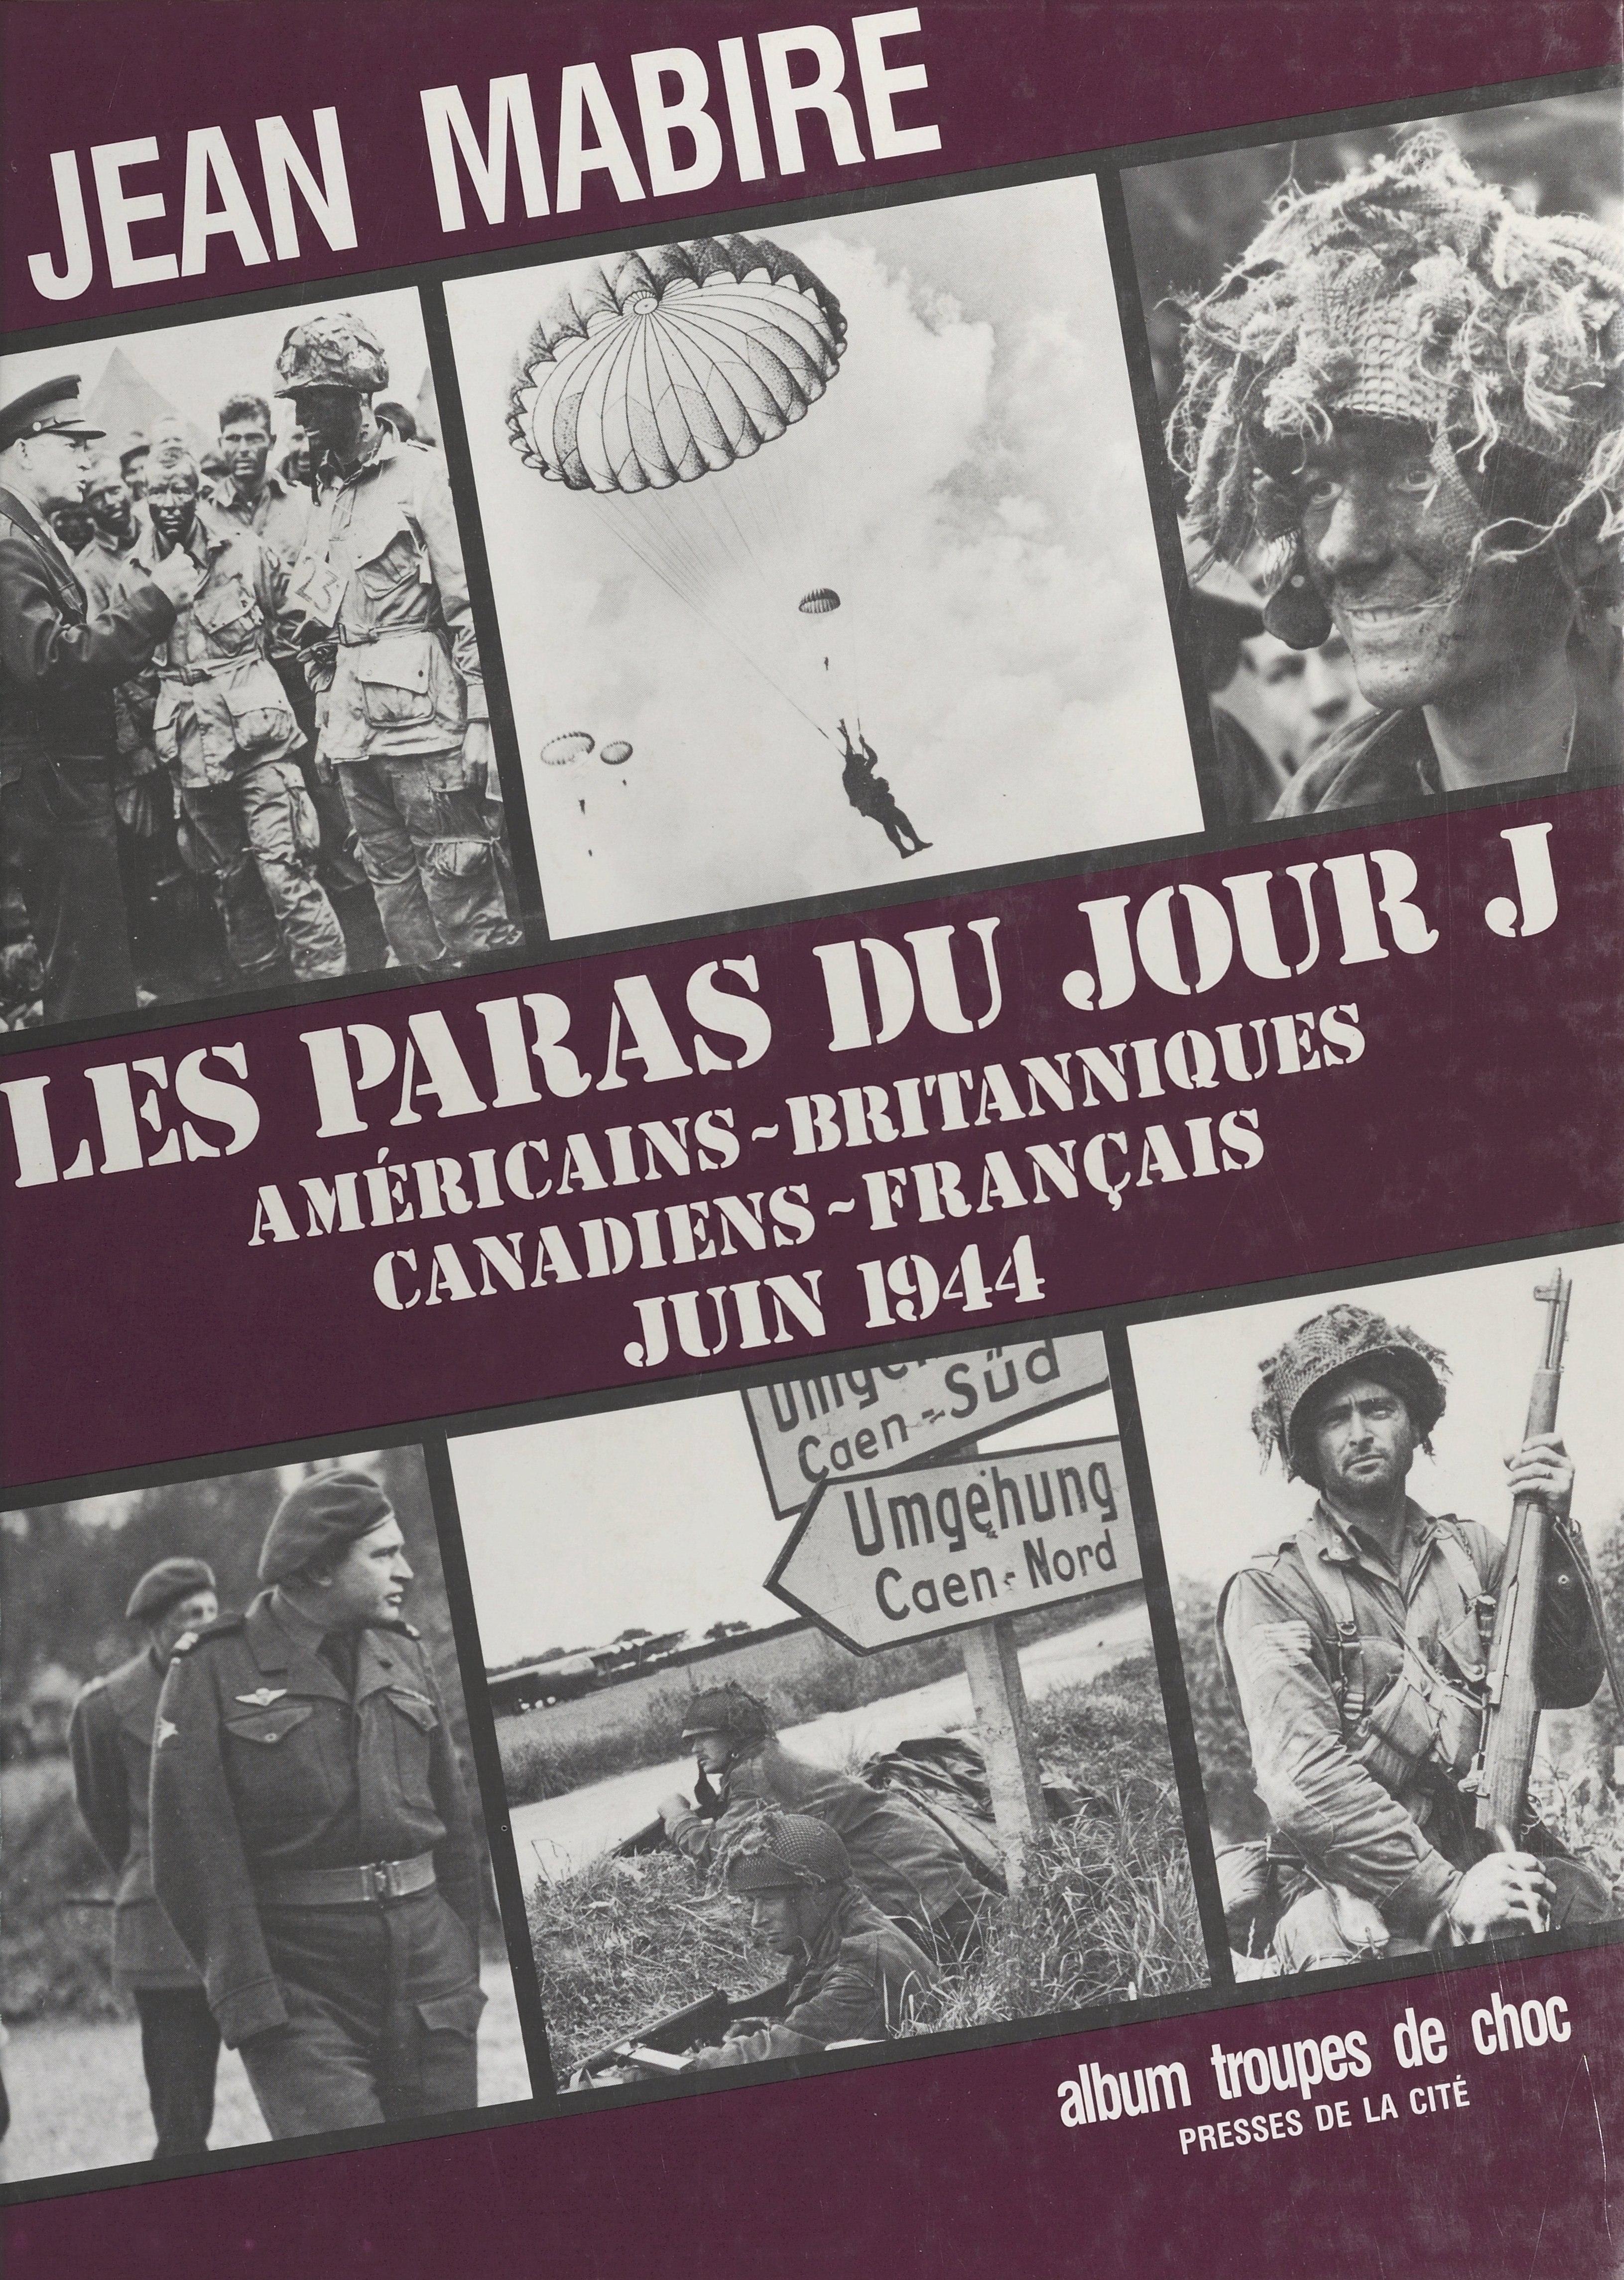 Les paras du jour J : américains-britanniques, canadiens-français (juin1944)